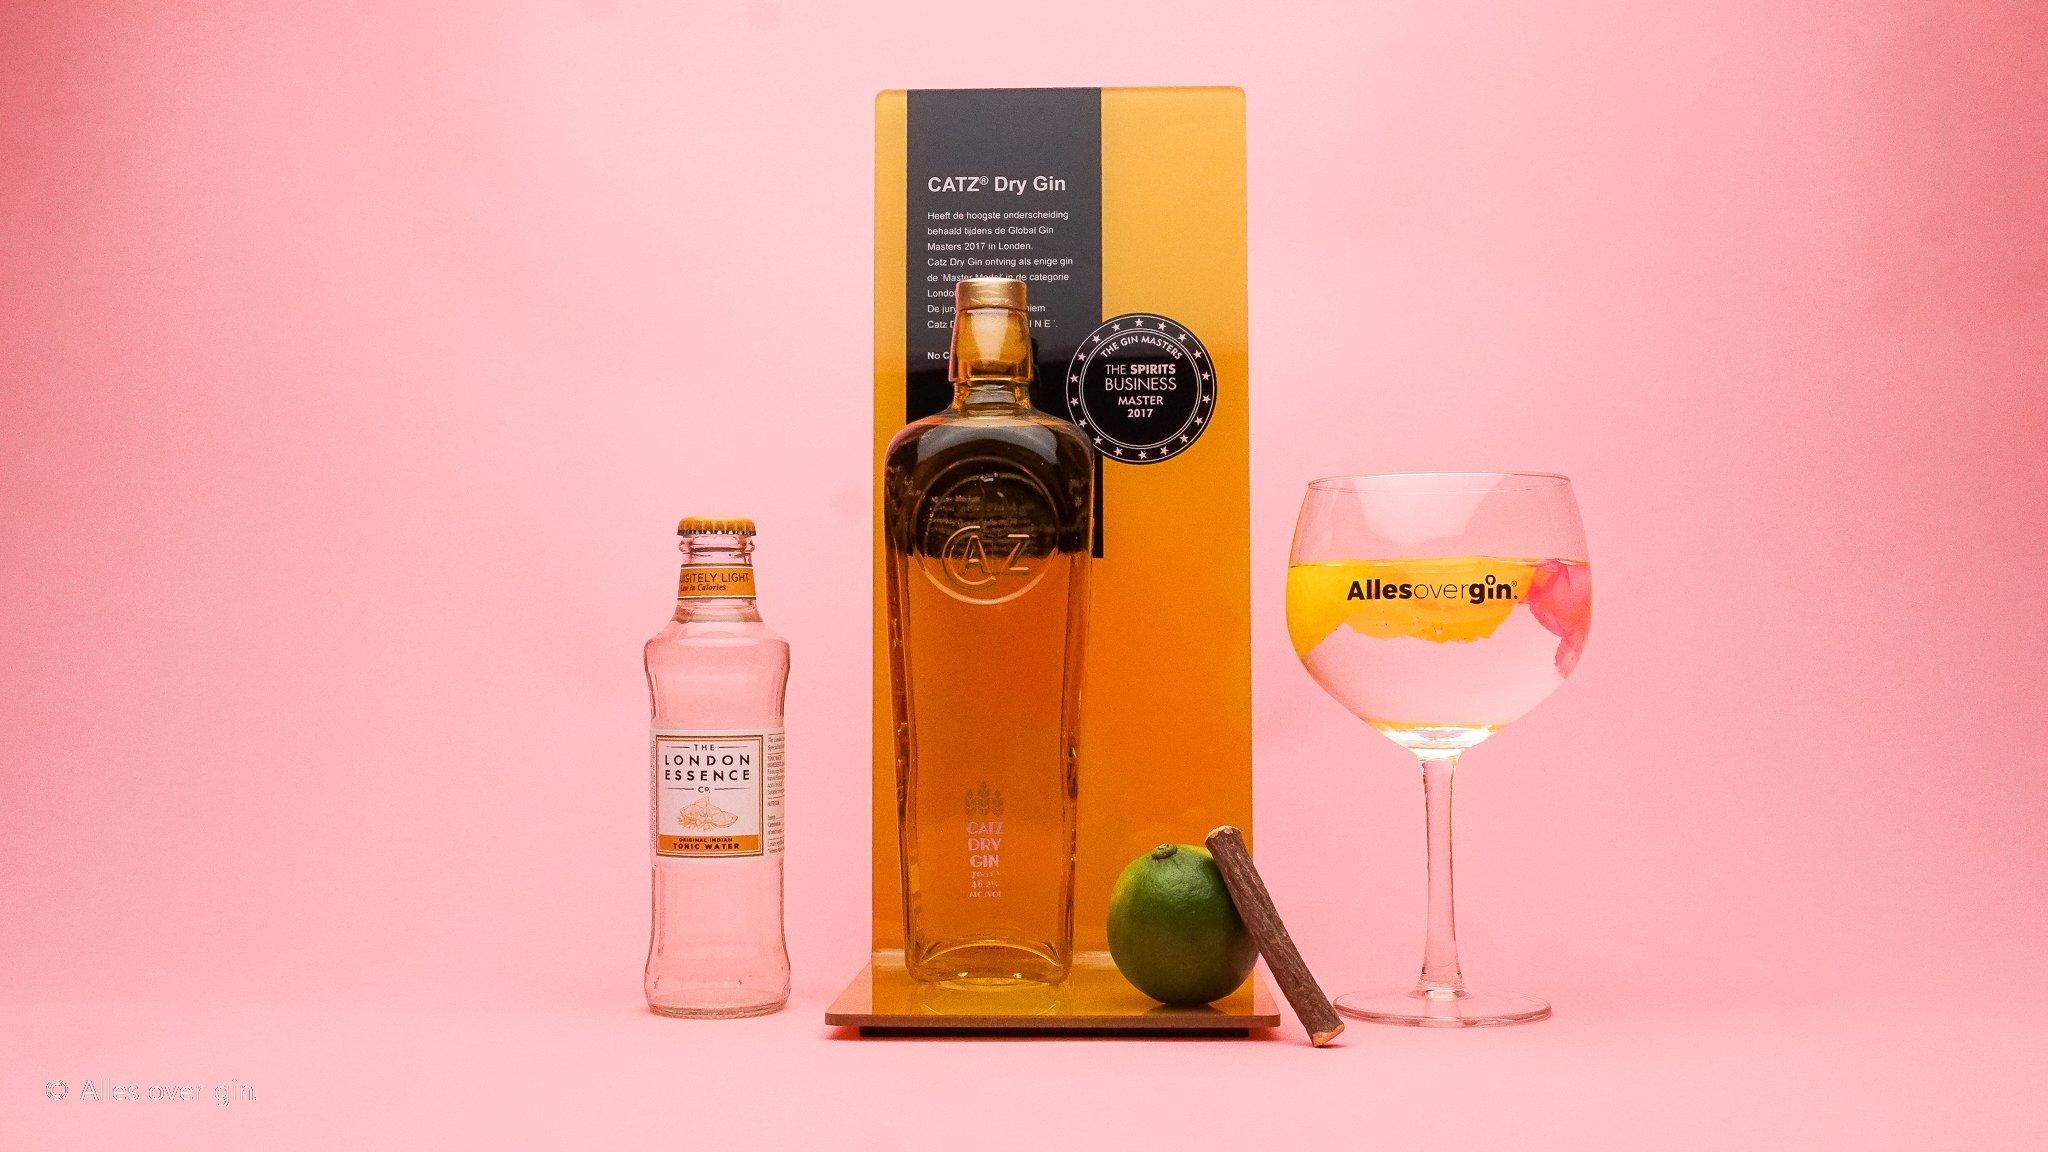 Gin-tonic maken met CATZ Dry Gin en London Essence Original Tonic Water, Alles over gin.